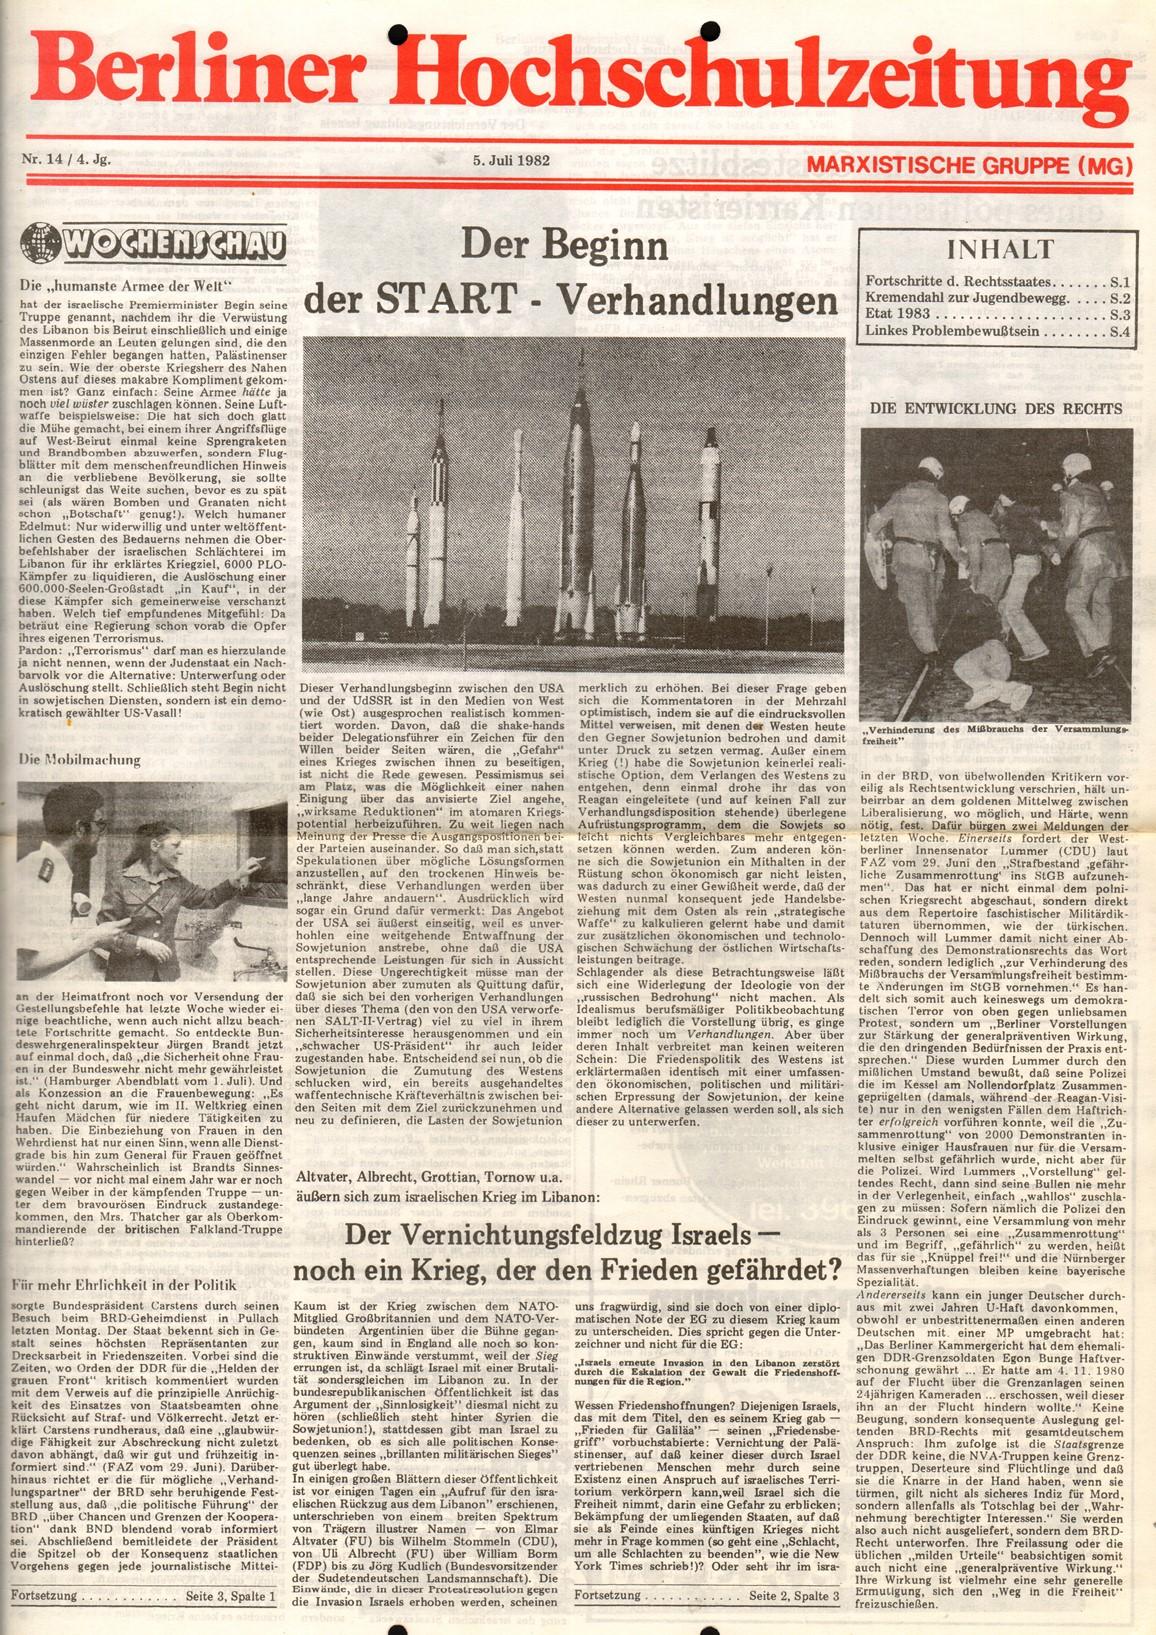 Berlin_MG_Hochschulzeitung_19820705_01